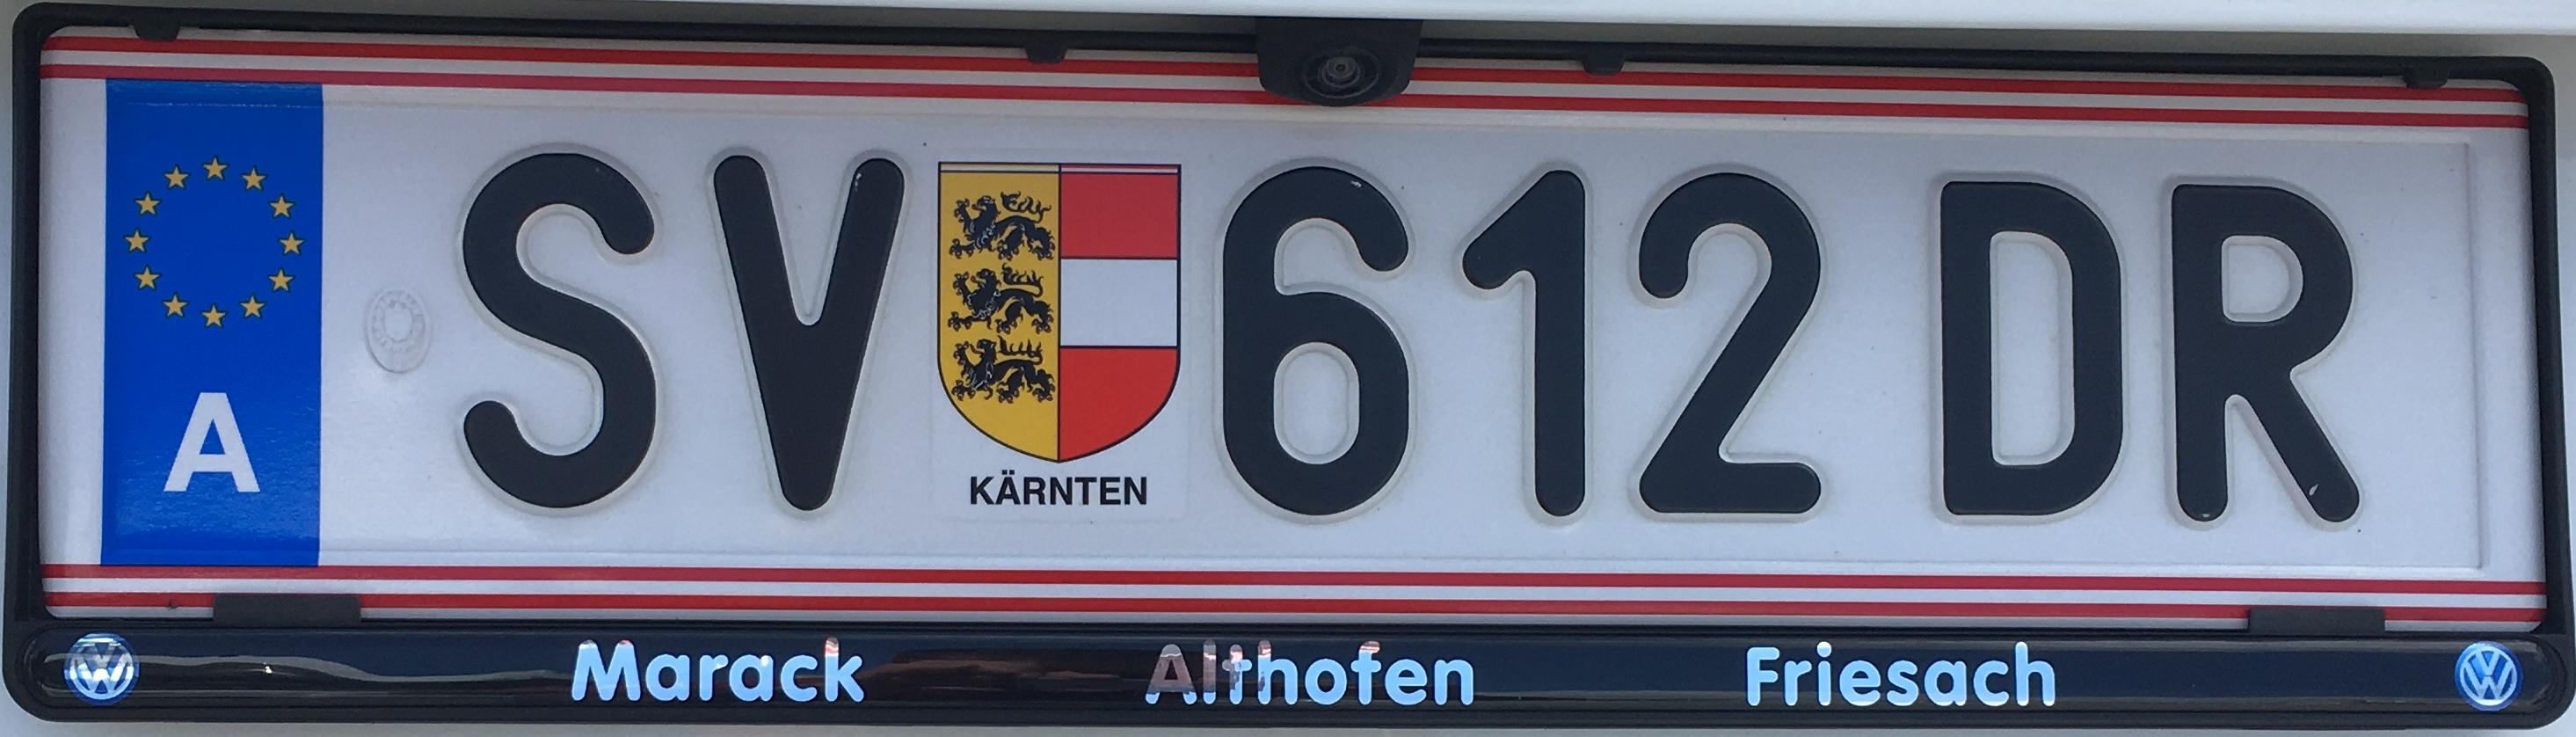 Registrační značka Rakousko - SV - St. Veit an der Glan, foto: www.podalnici.cz